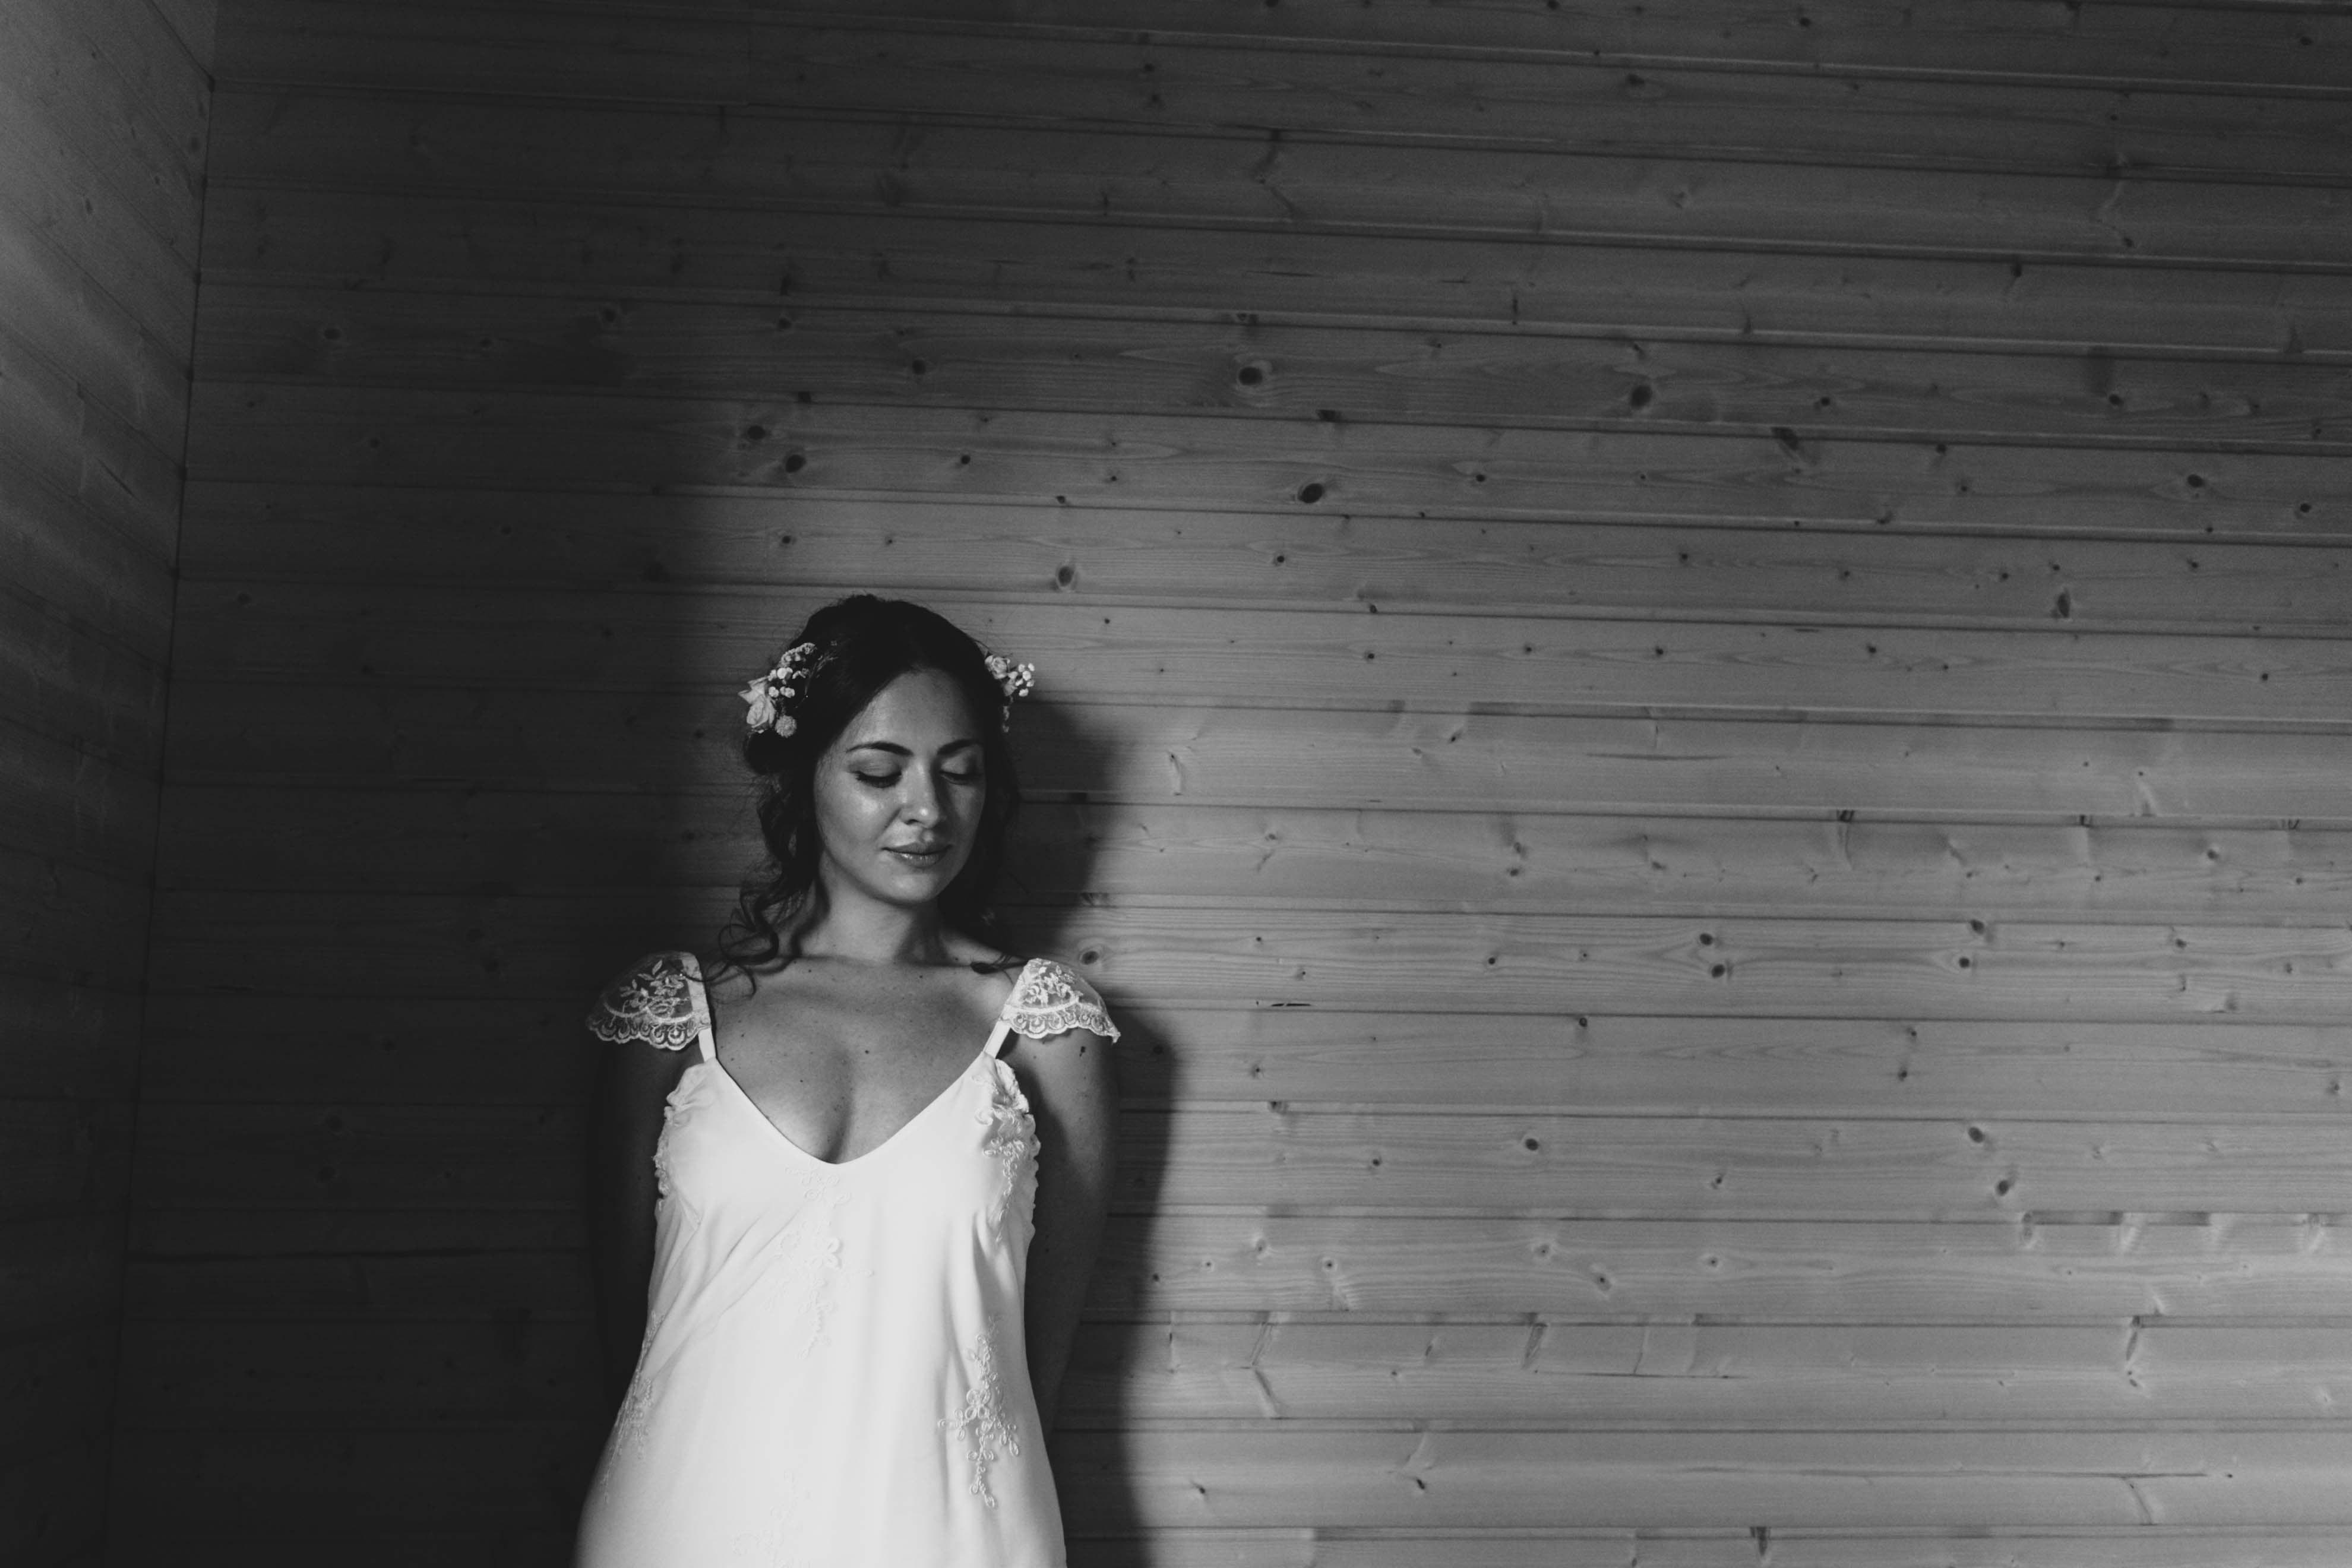 Fotografo+de+bodas+barcelona+girona+cala llevado+beach wedding_040